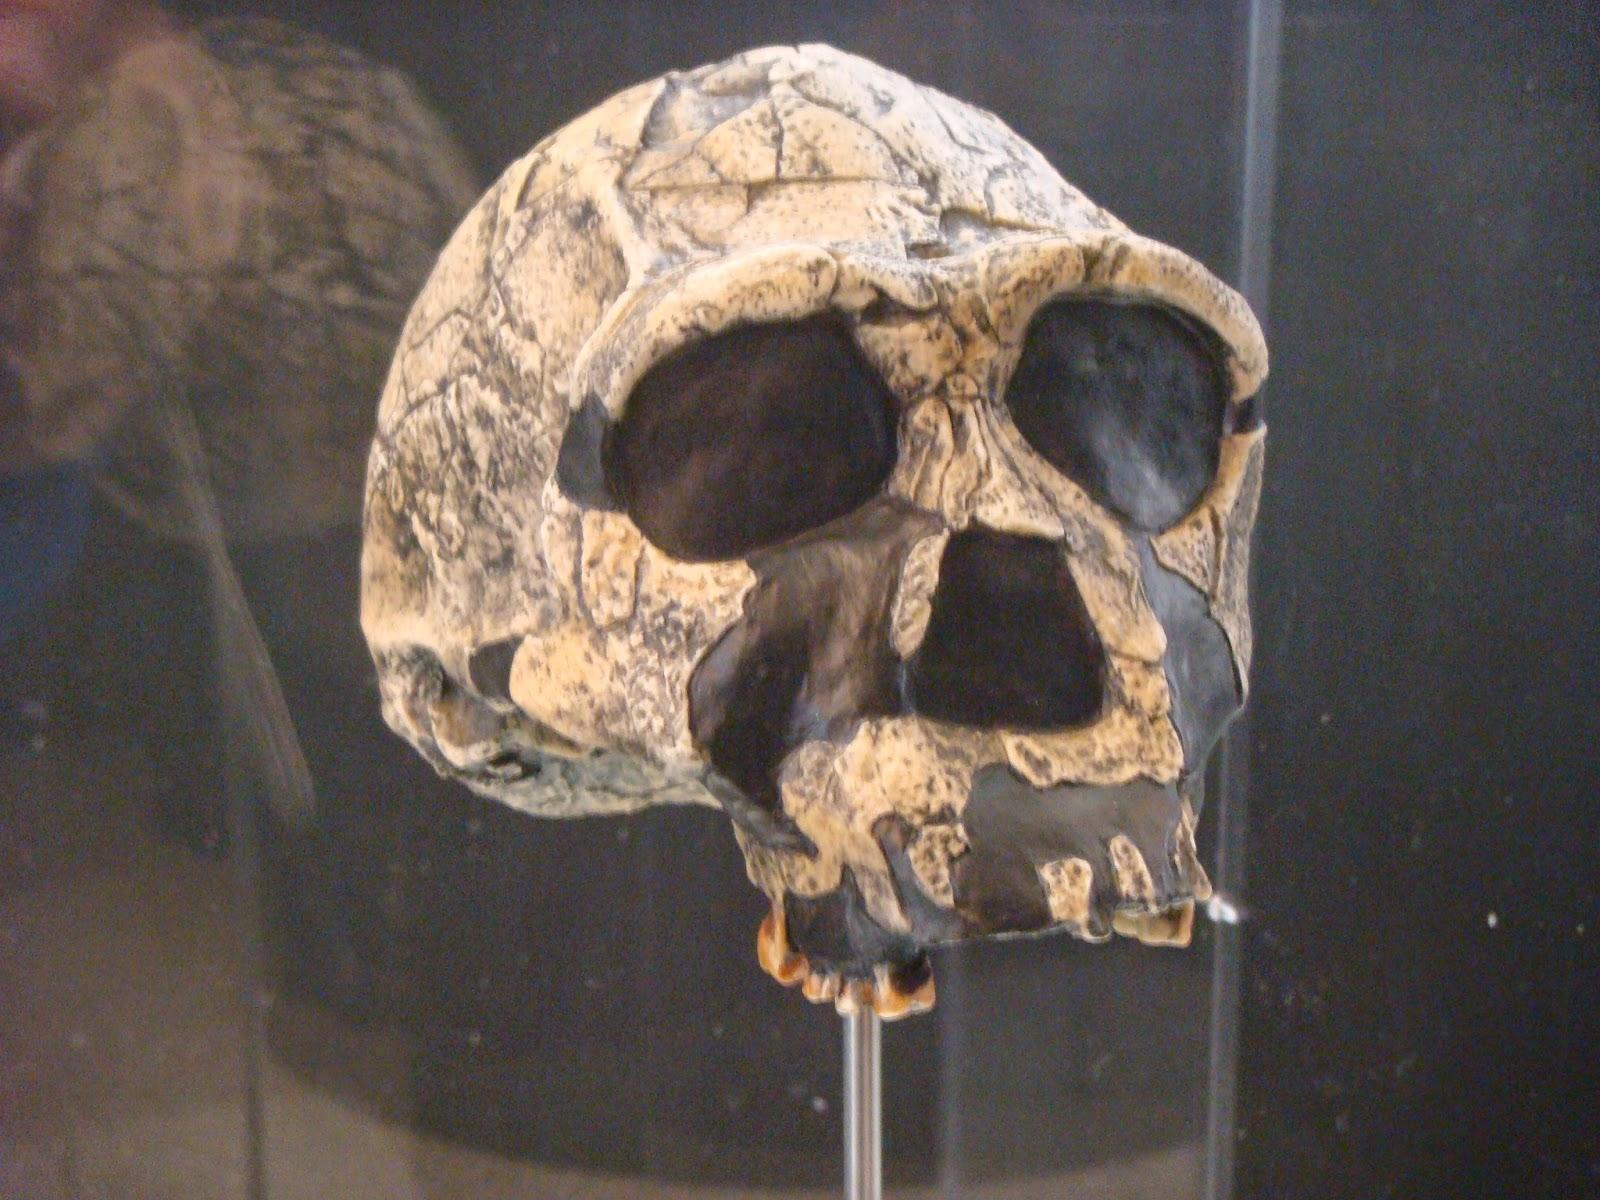 Fotografía de cráneo de H. ergaster realizada por Manuel Ansón